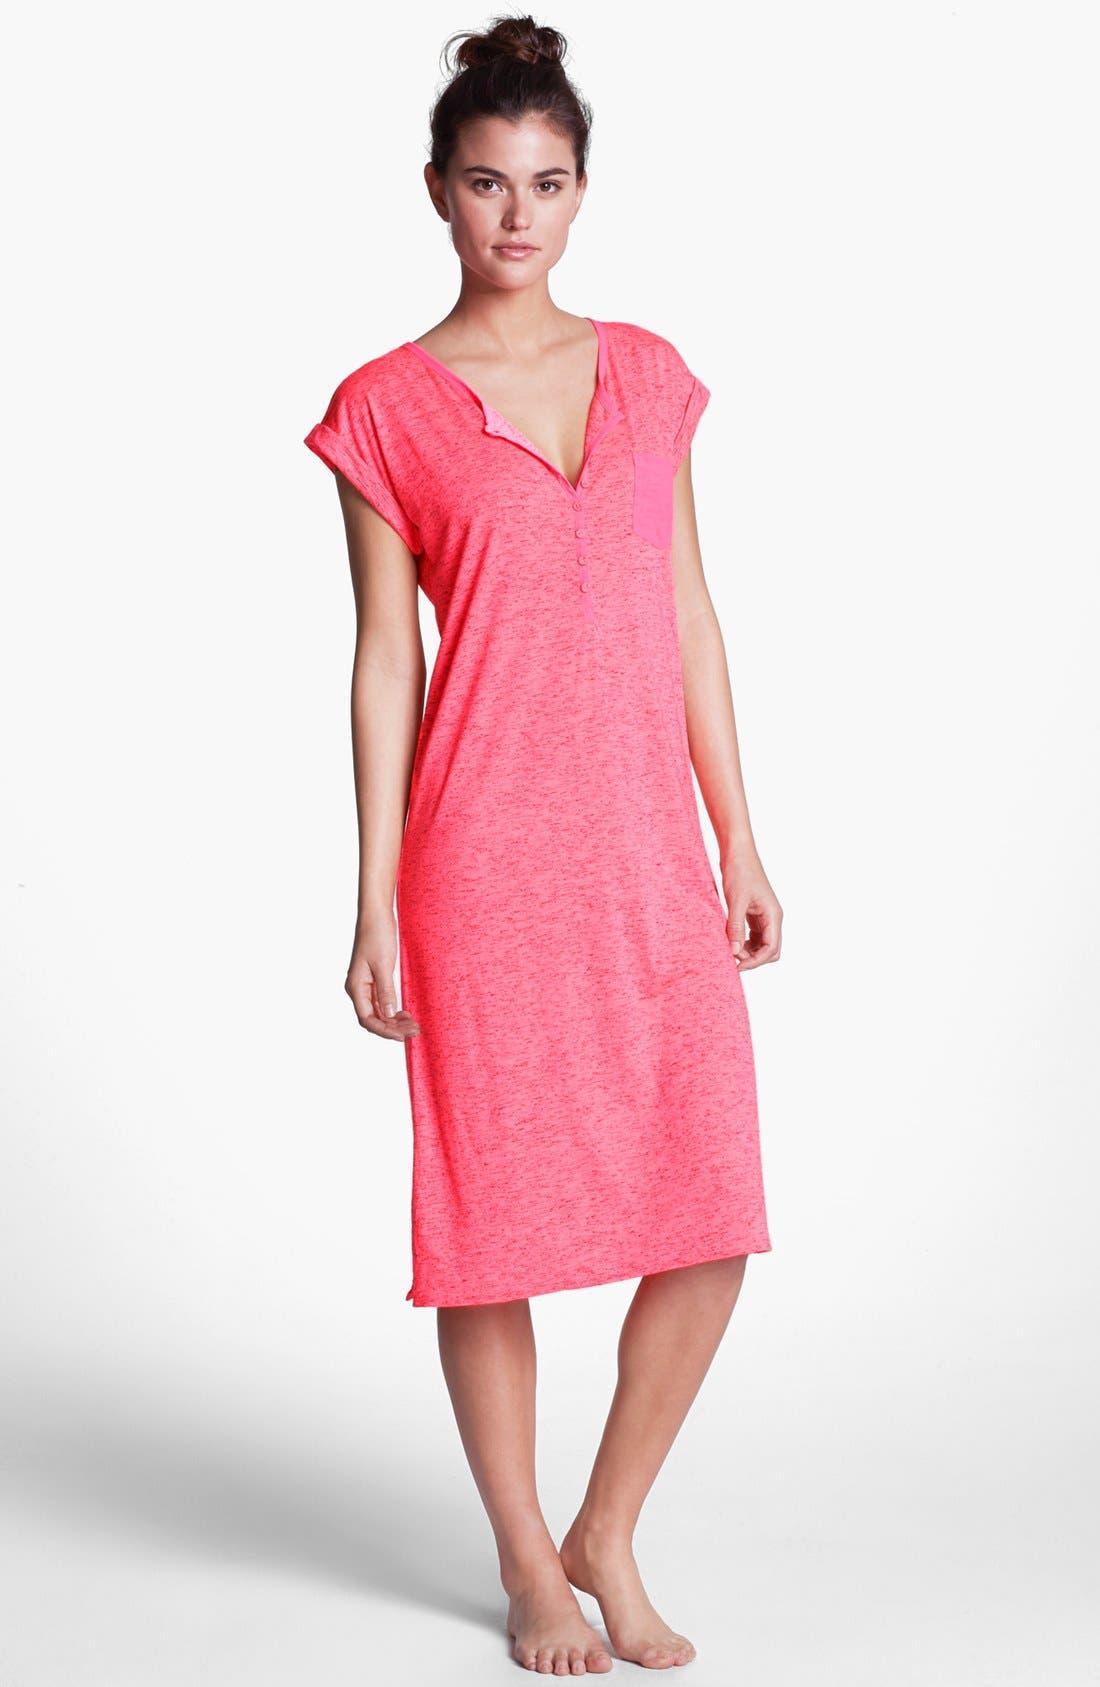 Alternate Image 1 Selected - kensie 'Neon Tide' Nightgown